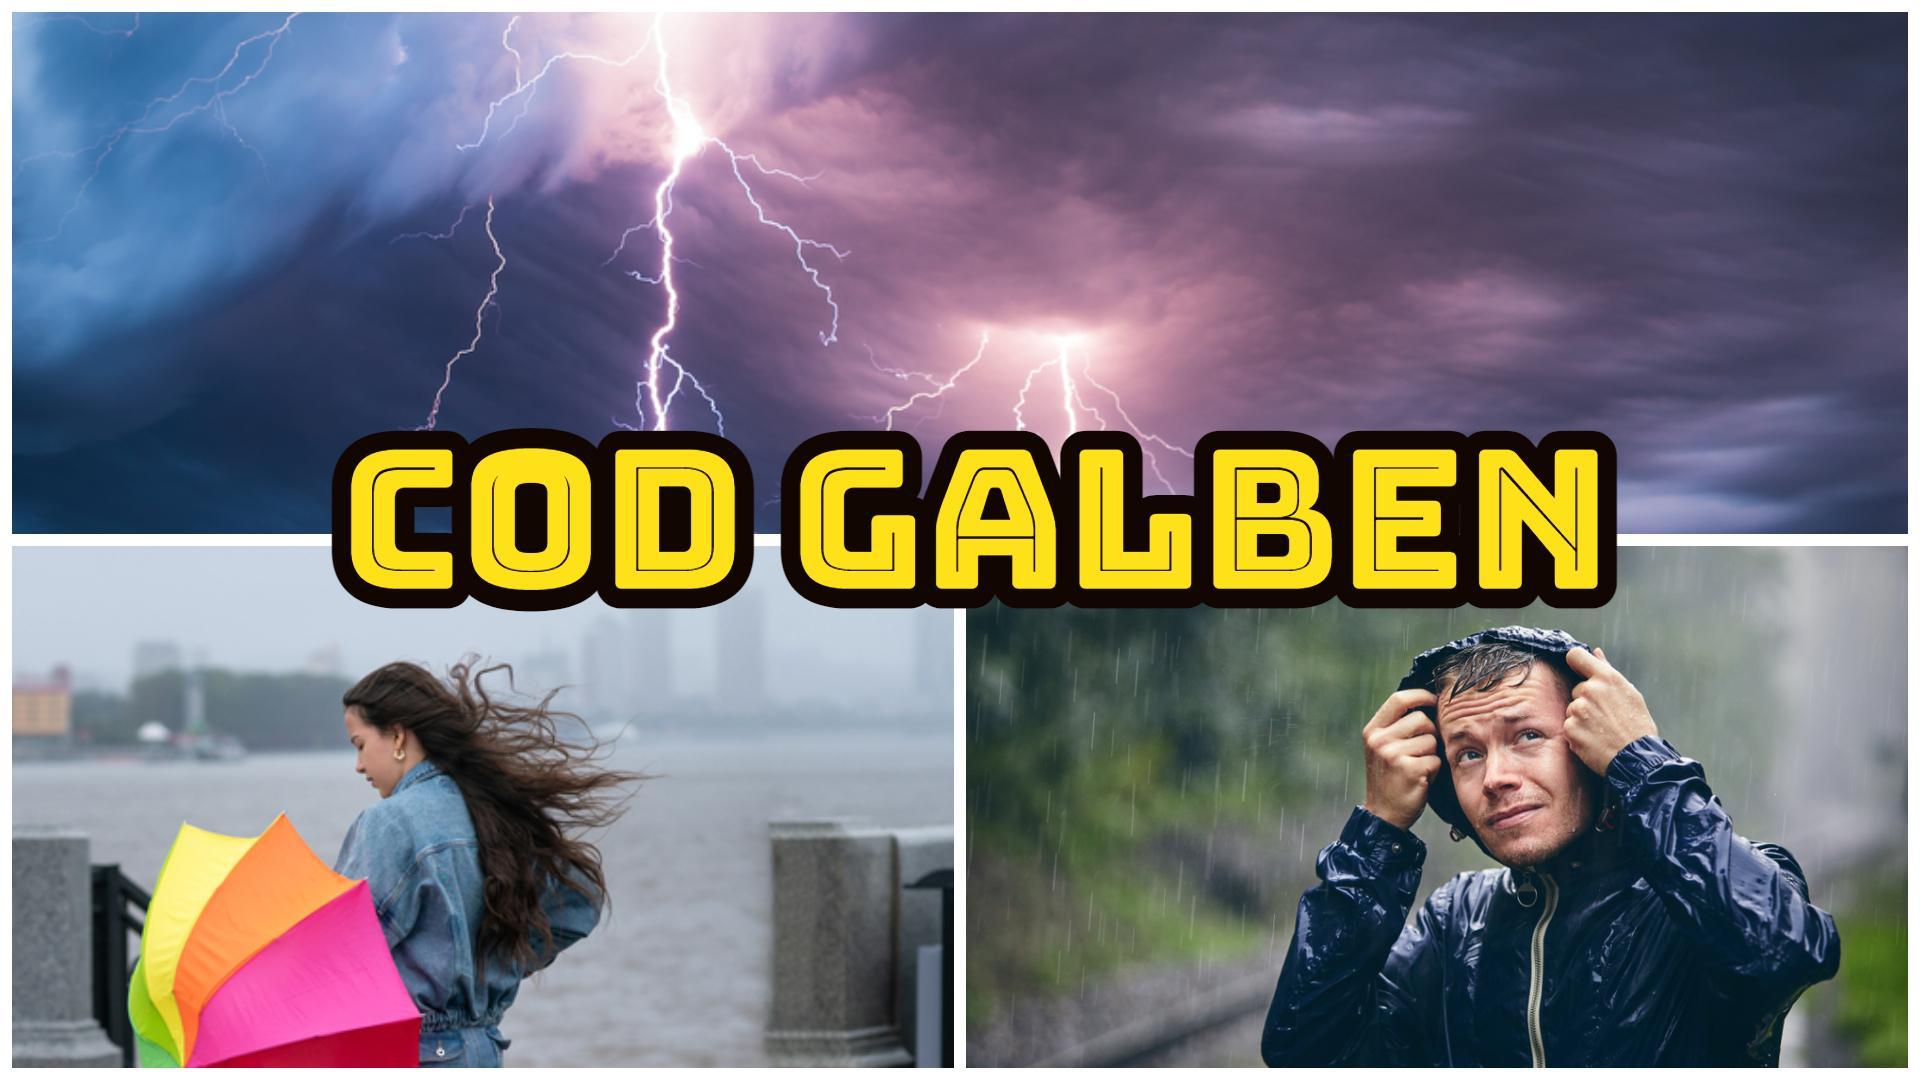 Alertă ANM! Meteorologii anunță cod galben de vijelii, descărcări electrice și vânt, pentru următoarea perioadă. Zonele vizate